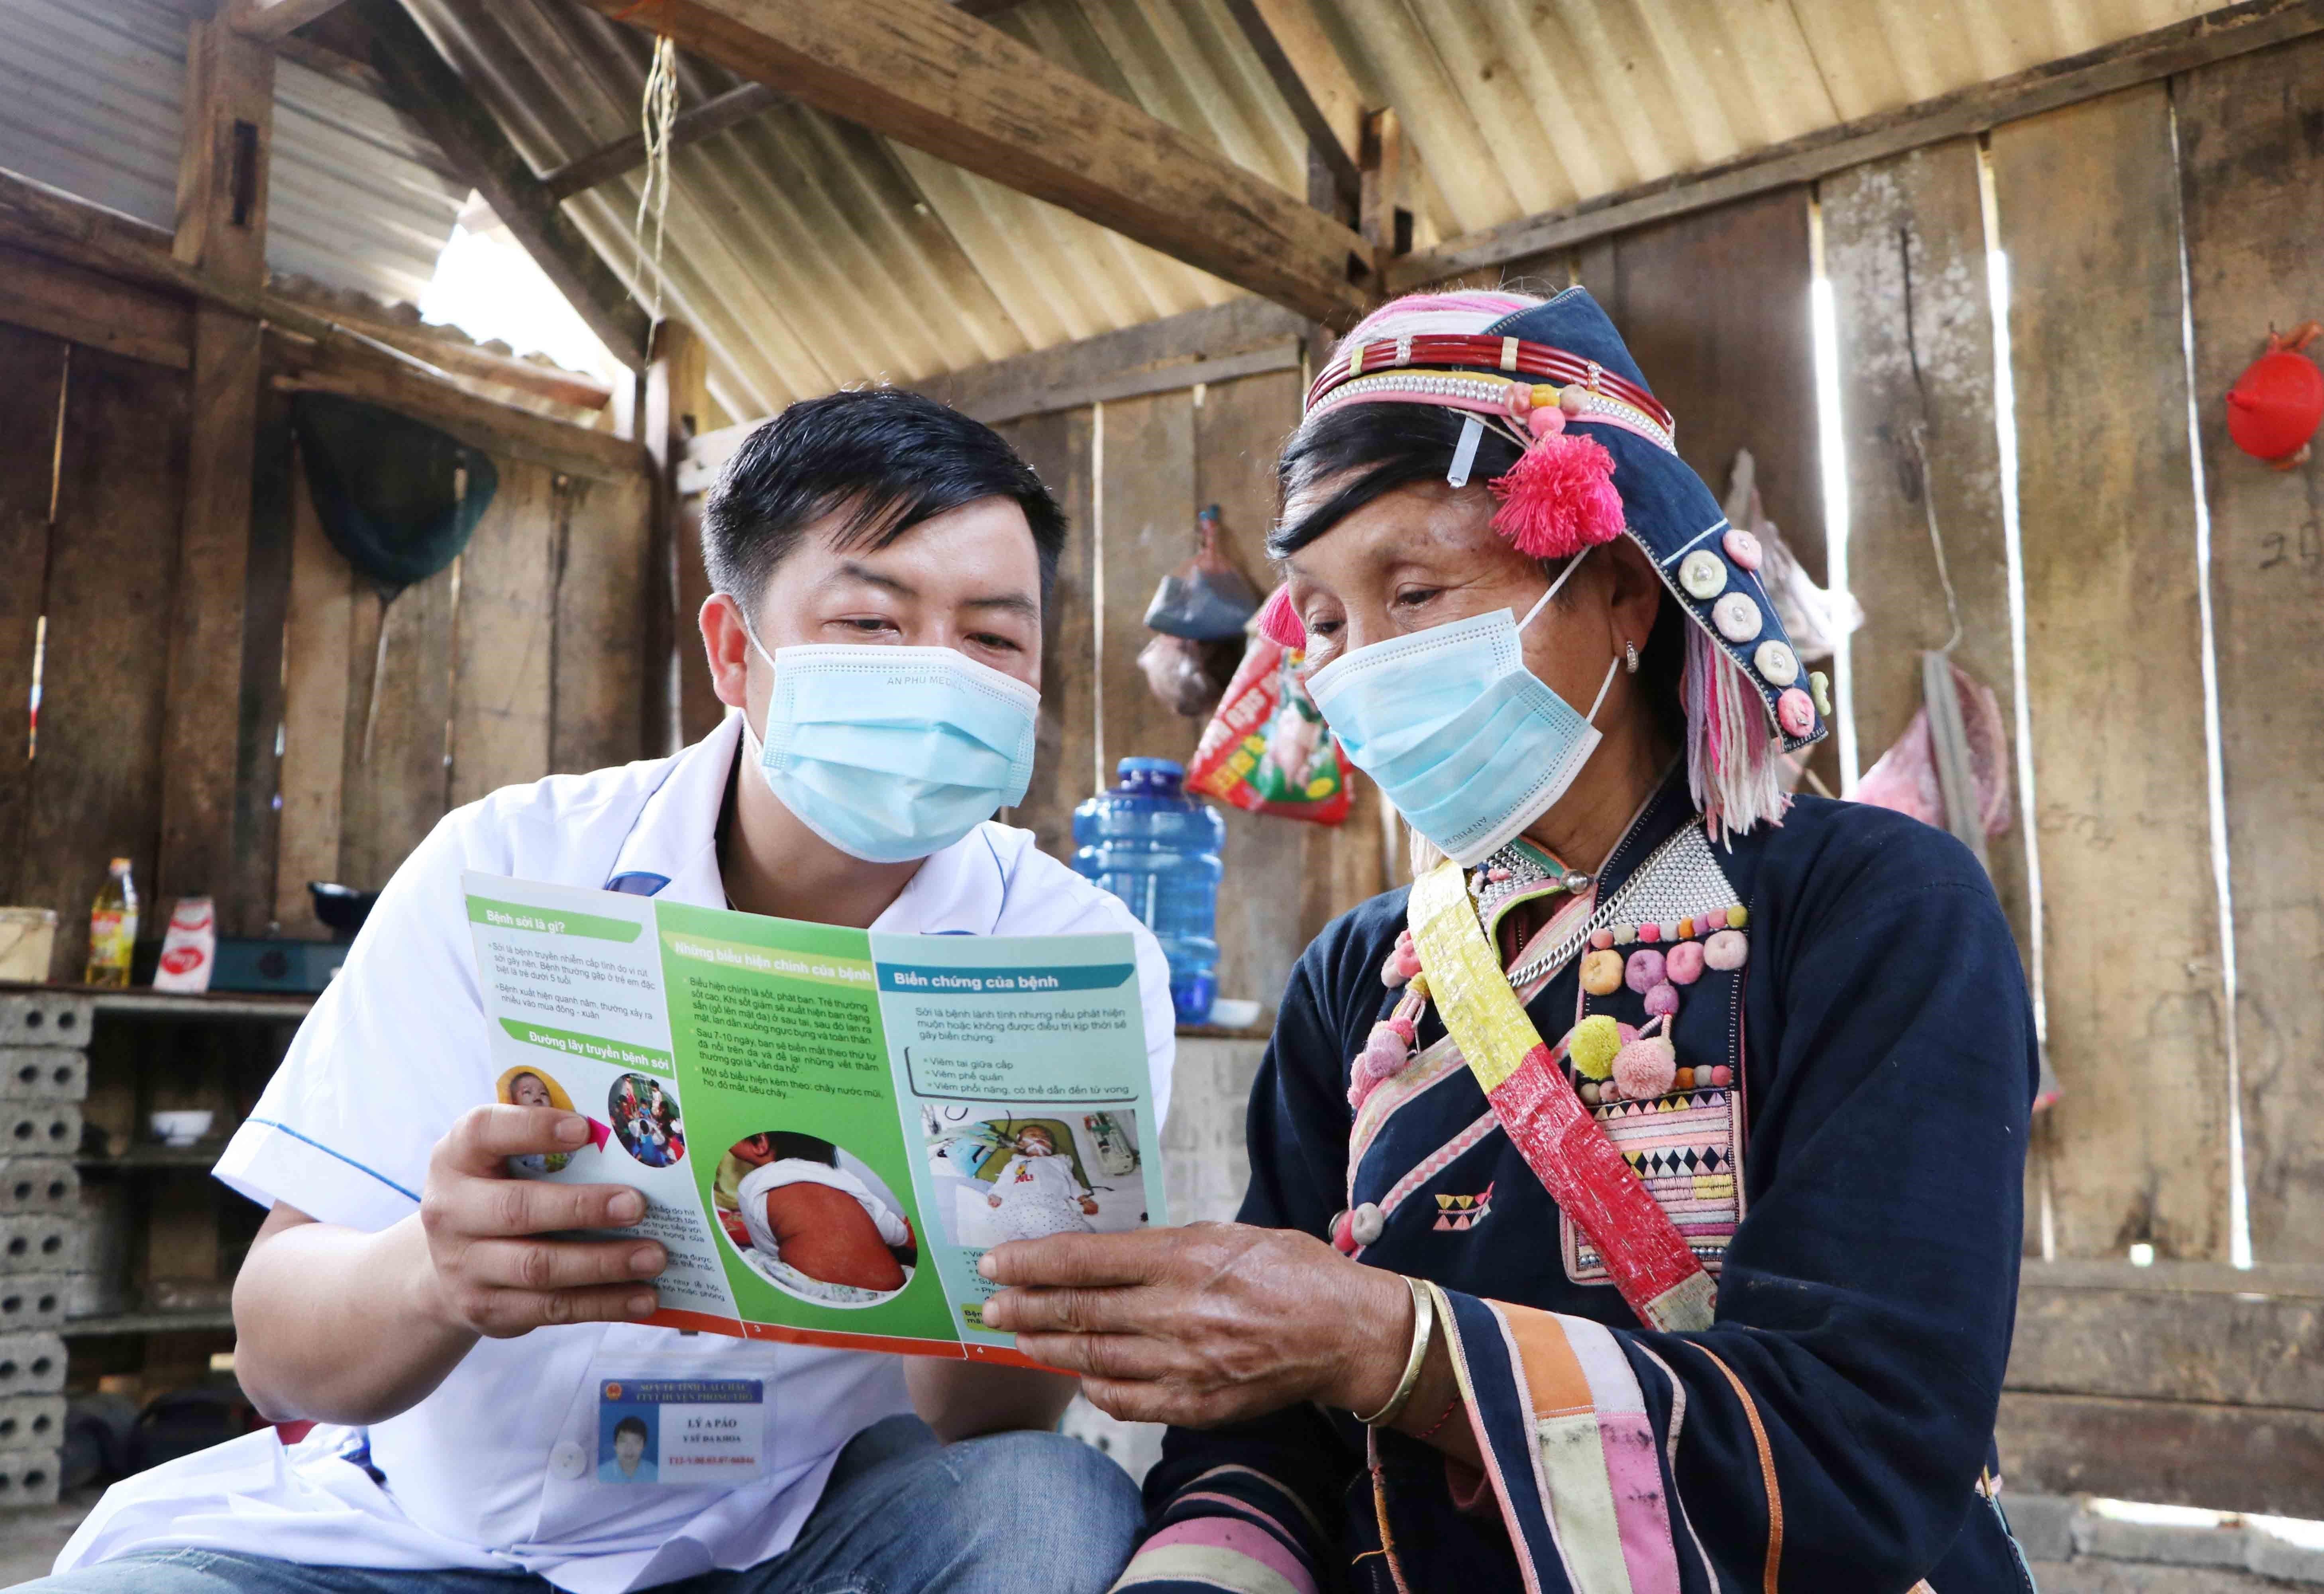 Cán bộ y tế Trạm Y tế xã Huổi Luông, huyện Phong Thổ, tỉnh Lai Châu  xuống các bản tuyên truyền cho bà con về chính sách y tế, phòng chống  bệnh tật. (Ảnh: Nguyễn Oanh/TTXVN)